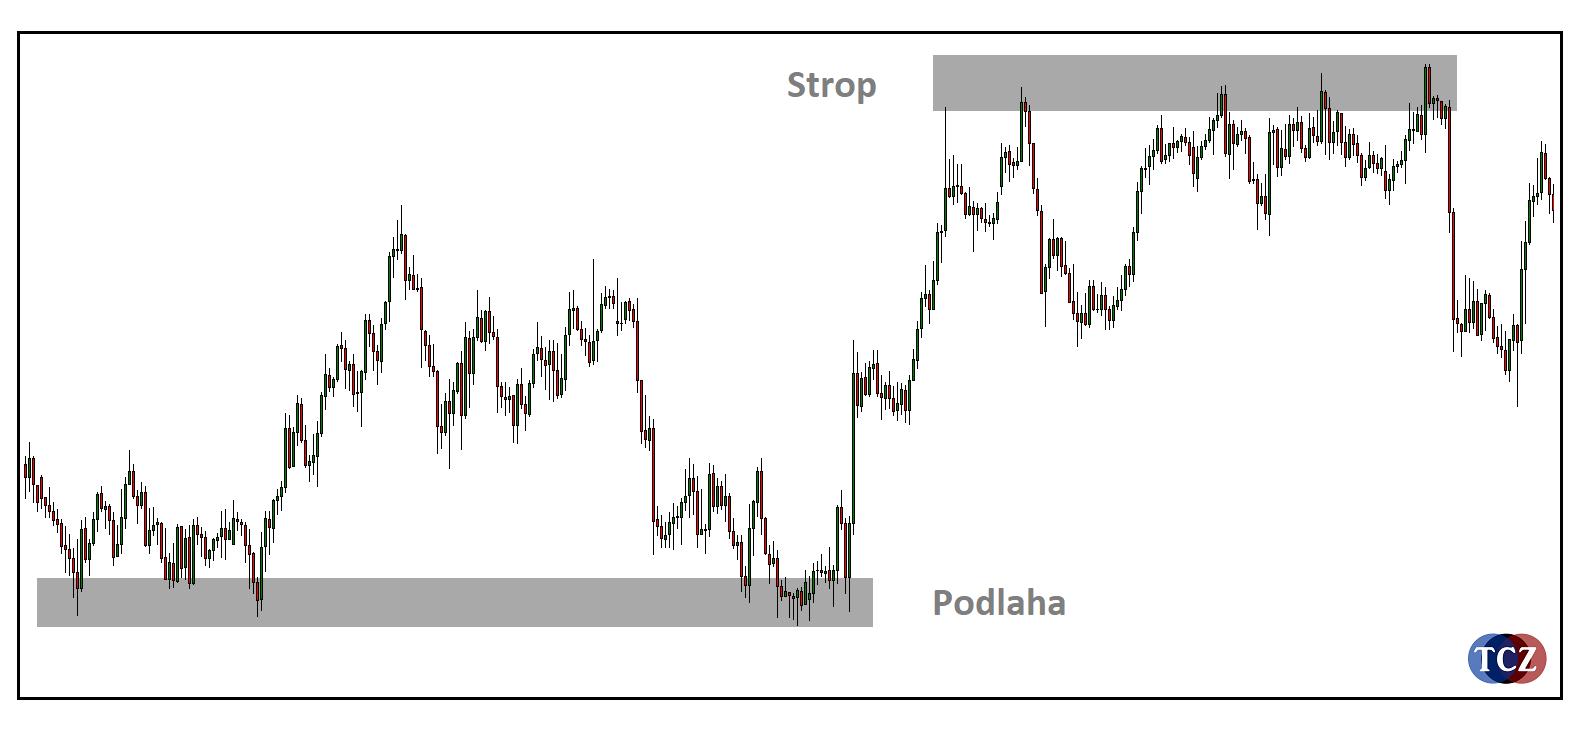 Strop a Podlaha jako pattern